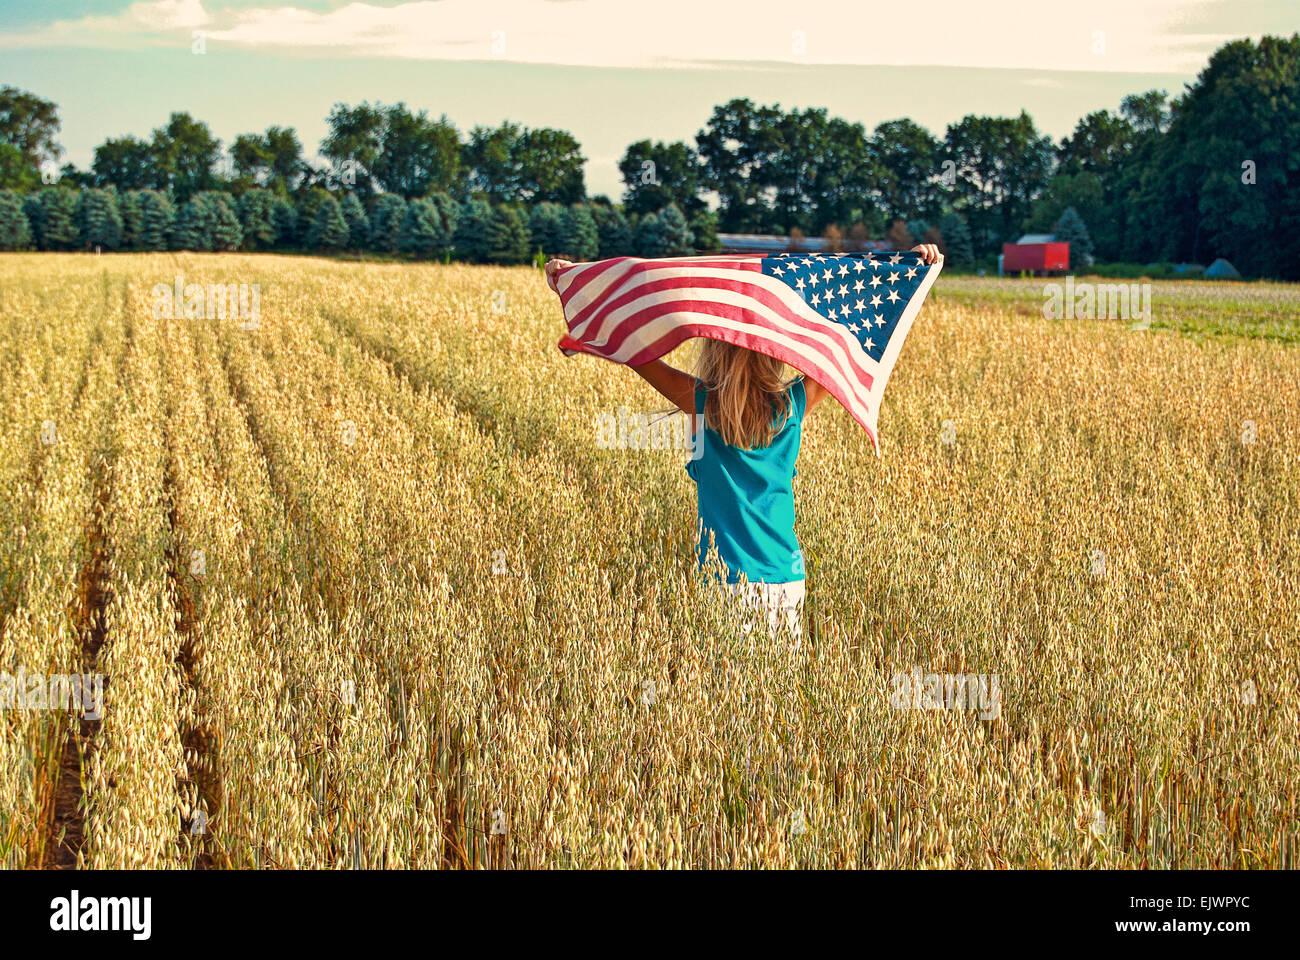 Niña corriendo en un campo de trigo con la bandera americana. Imagen De Stock